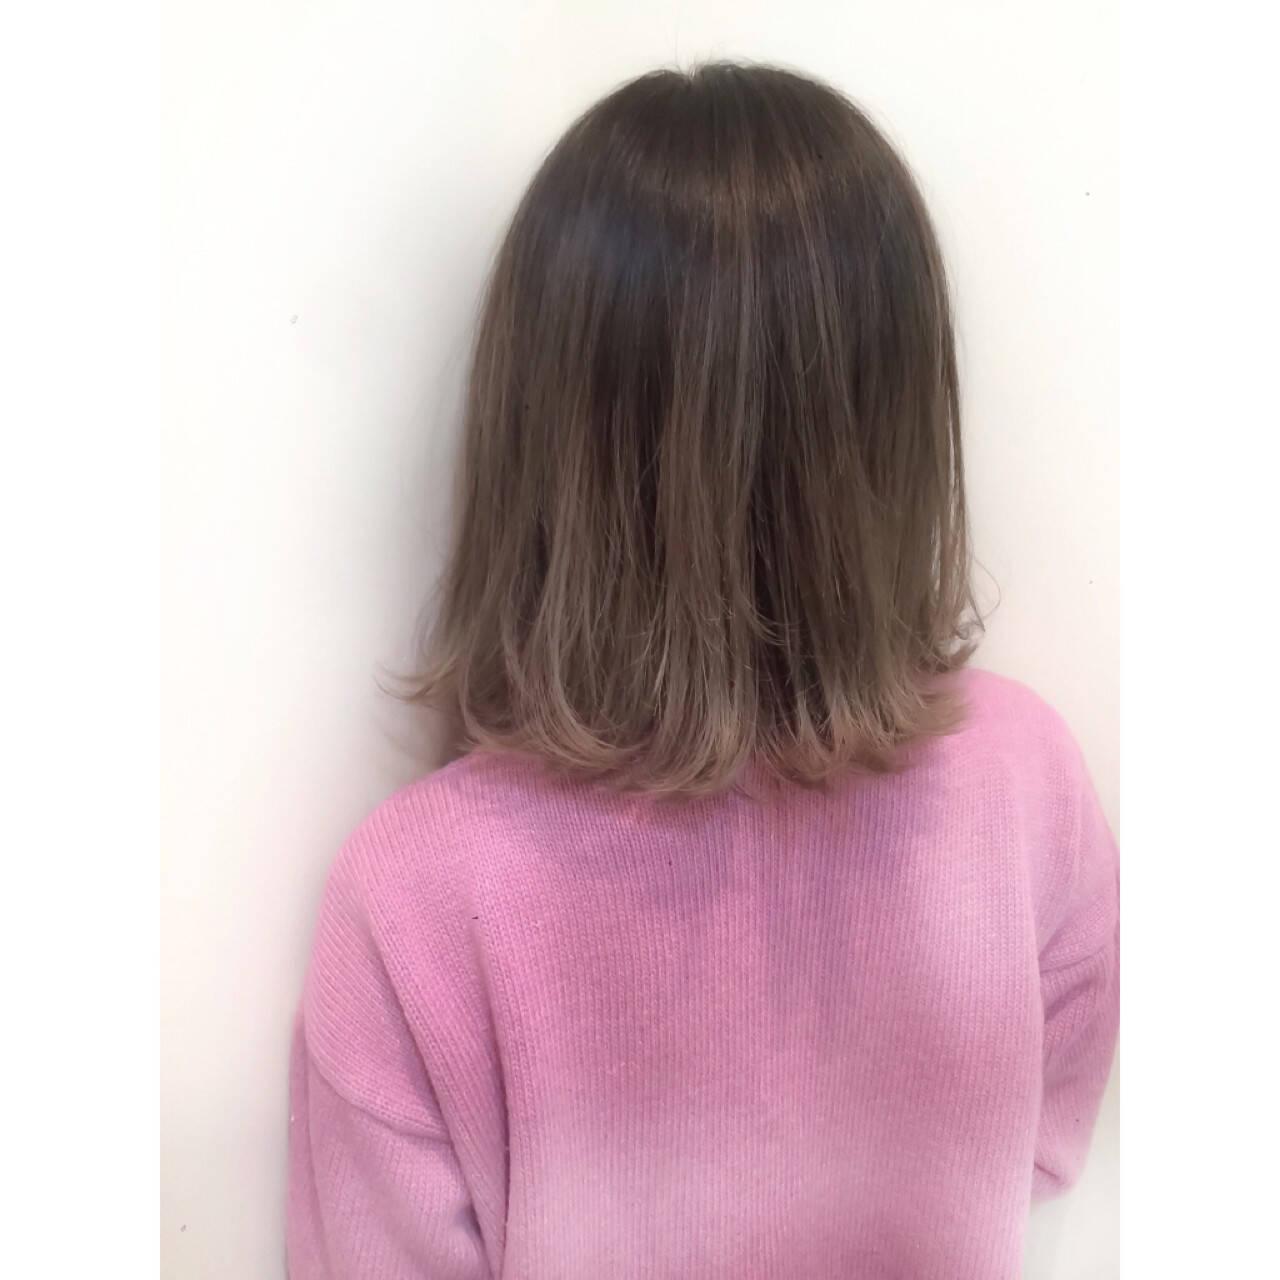 ミディアム グラデーションカラー ハイライト 大人かわいいヘアスタイルや髪型の写真・画像